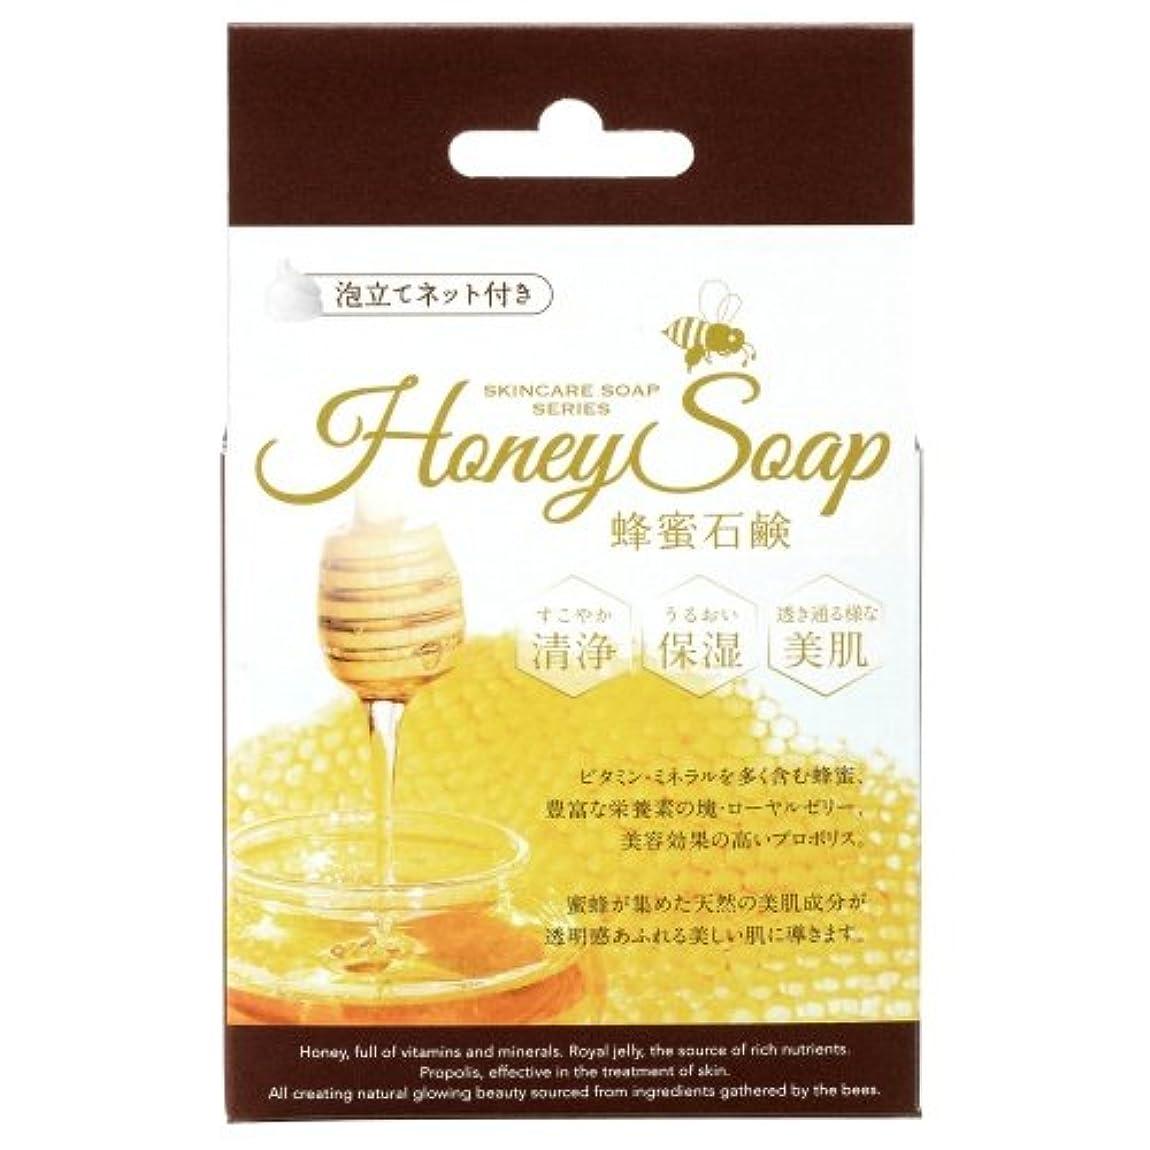 バリー集団的薄汚いハチミツスキンケアソープ 80g